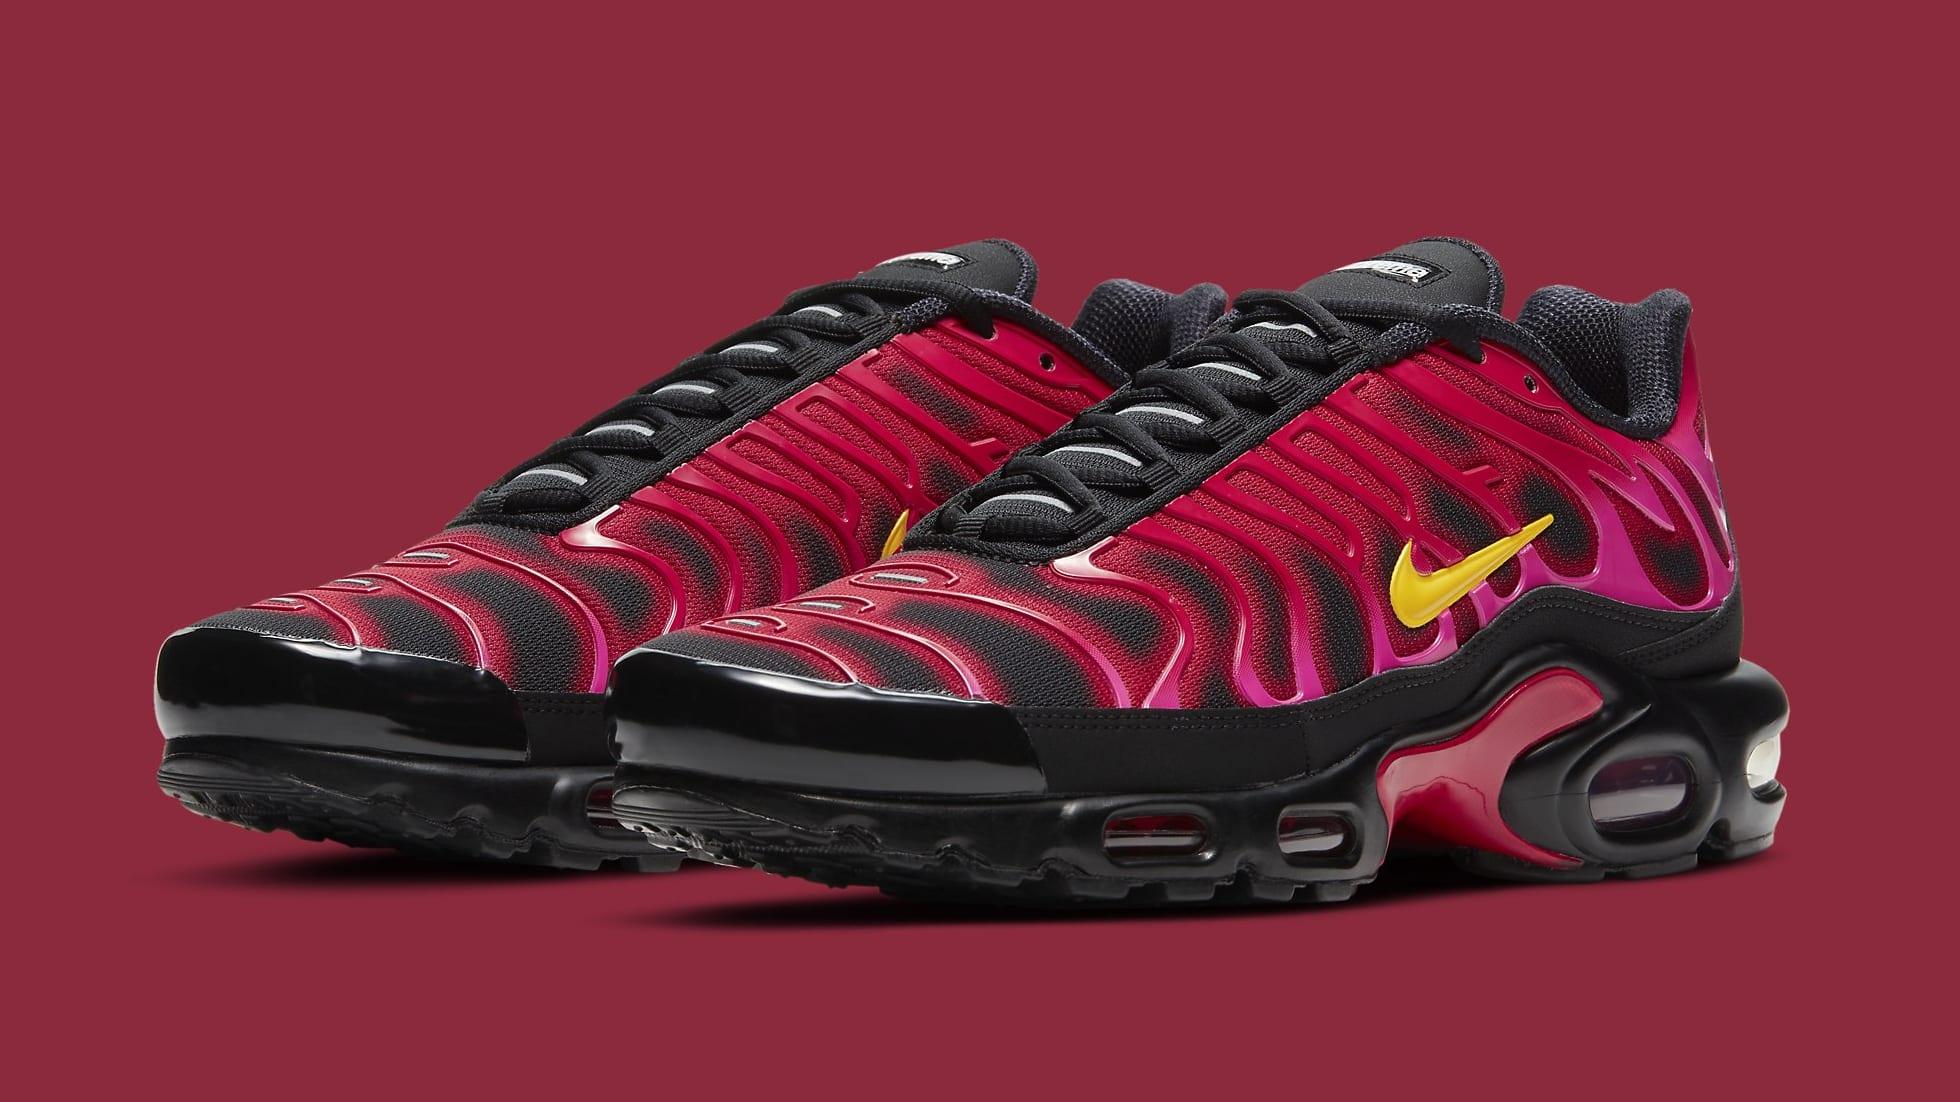 Supreme x Nike Air Max Plus 'Fire Red' DA1472-600 Pair